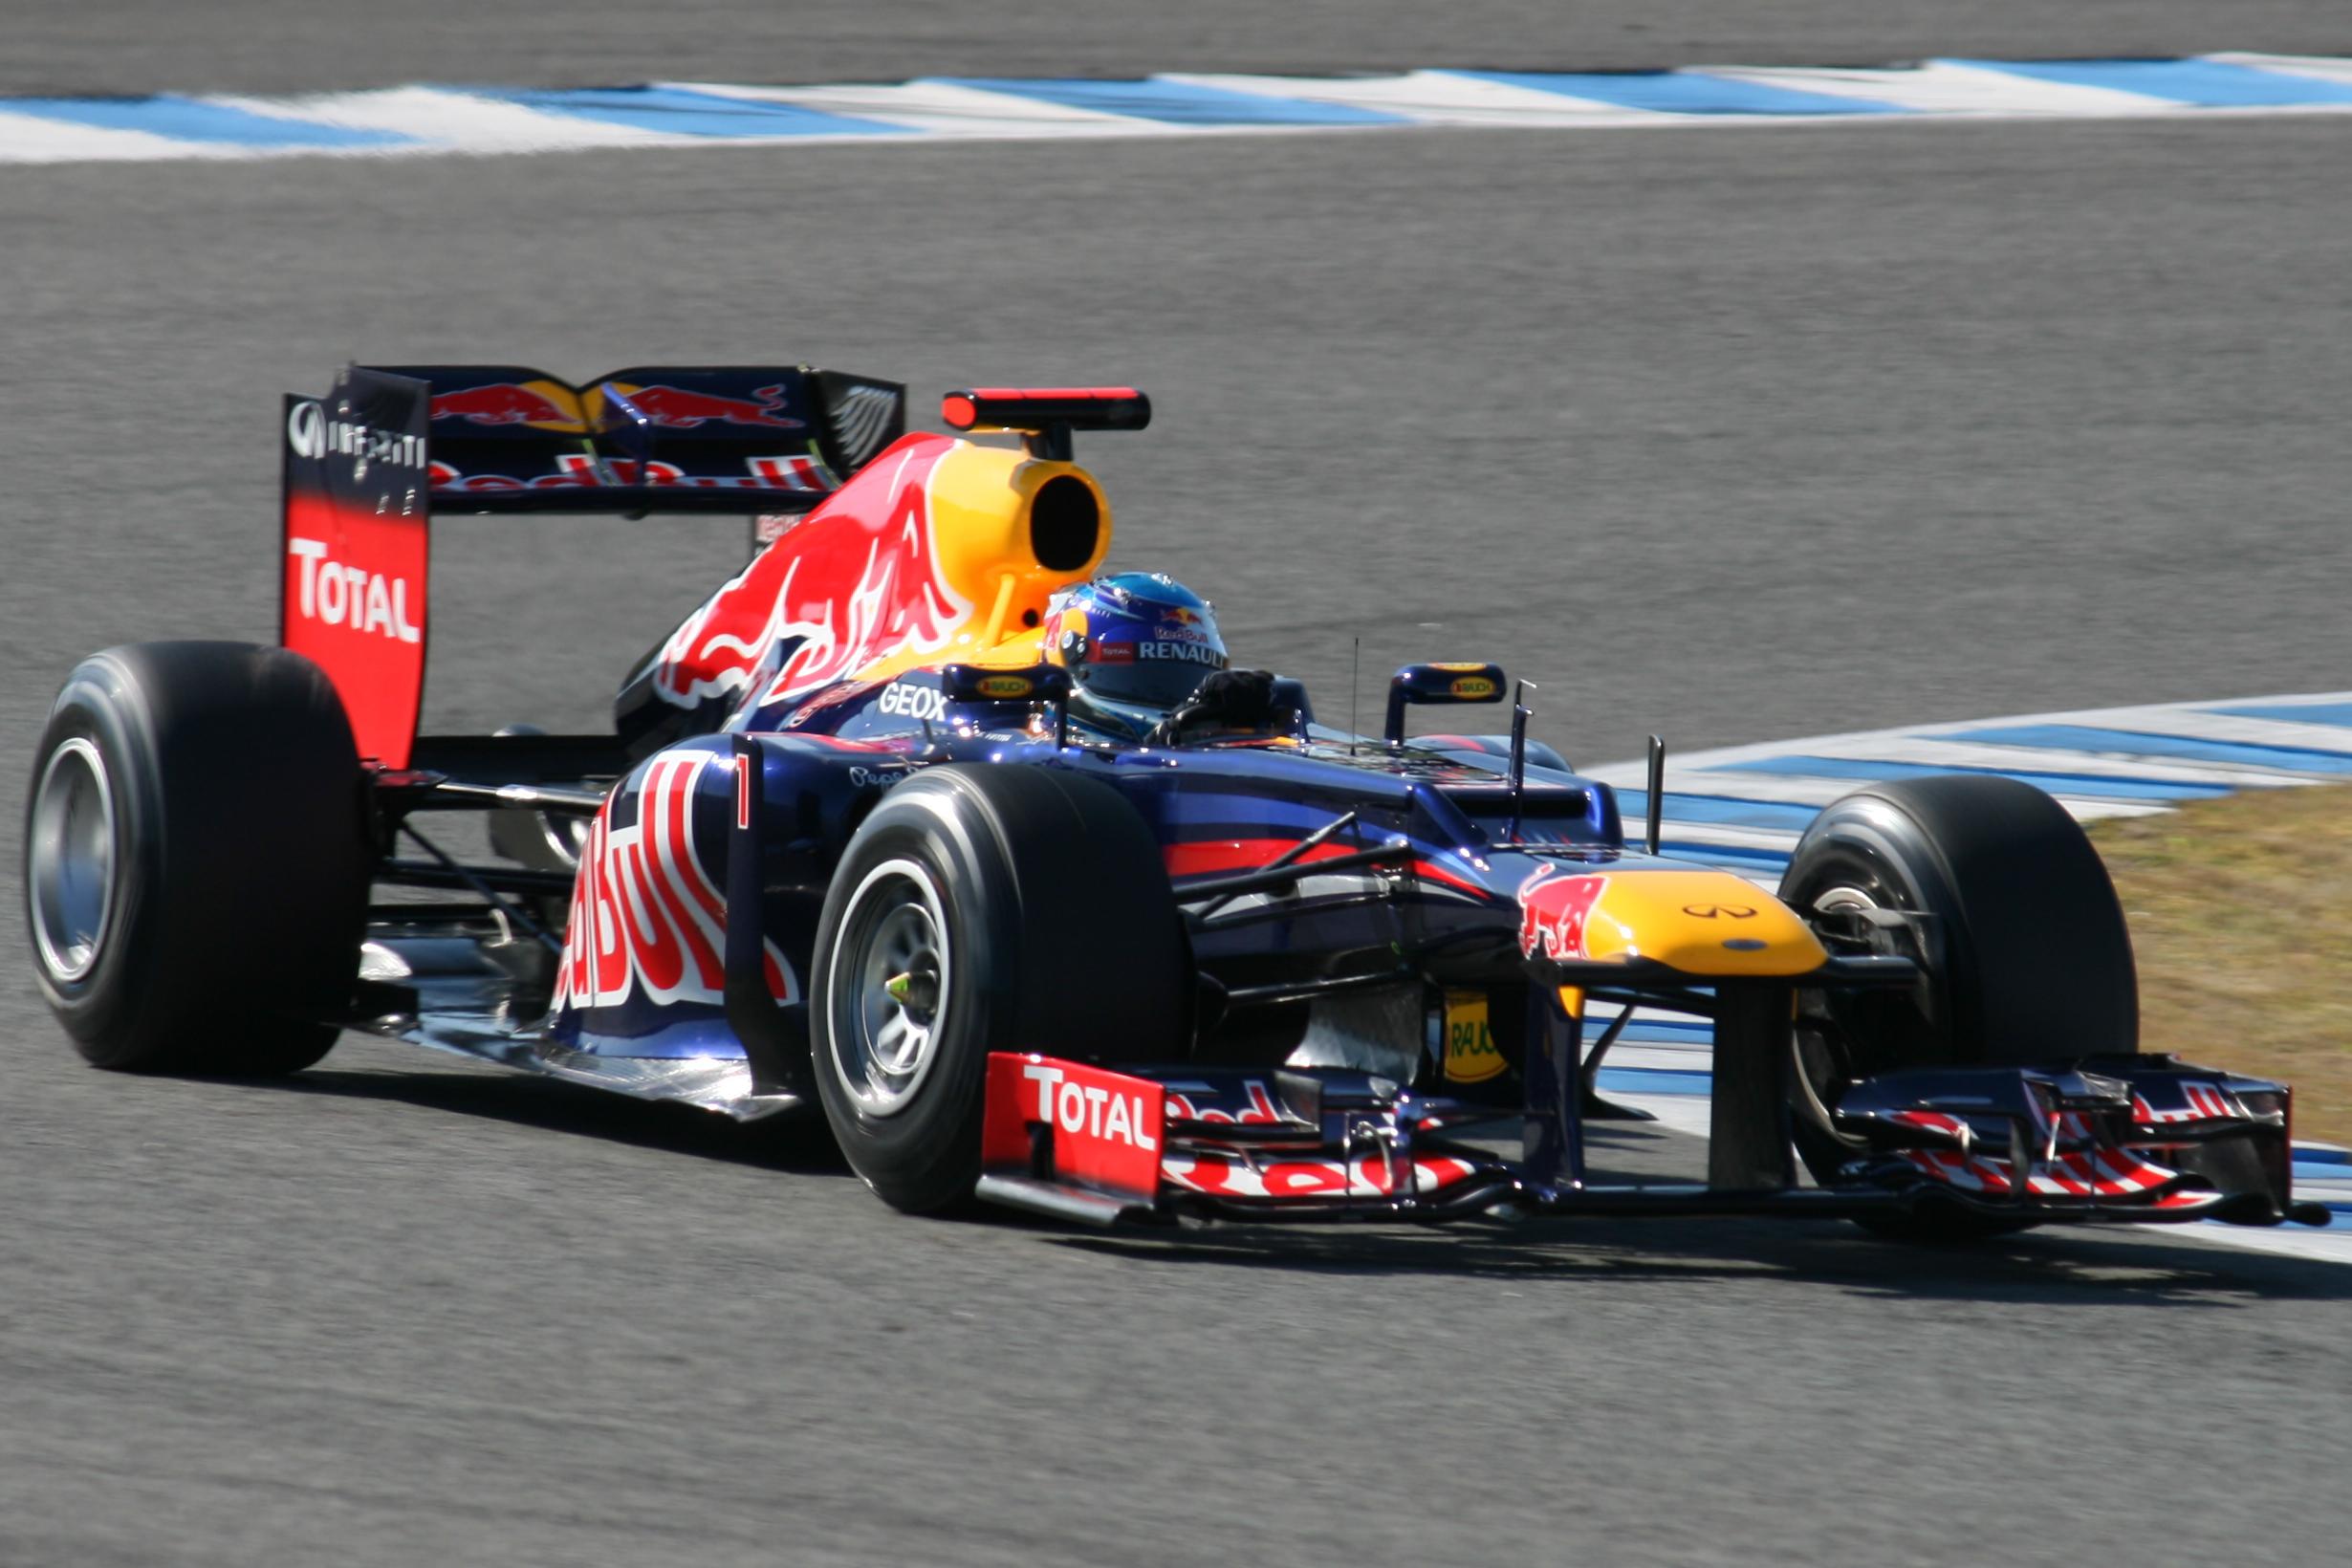 File:F1 2012 Jerez test - Red Bull 2.jpg - Wikipedia